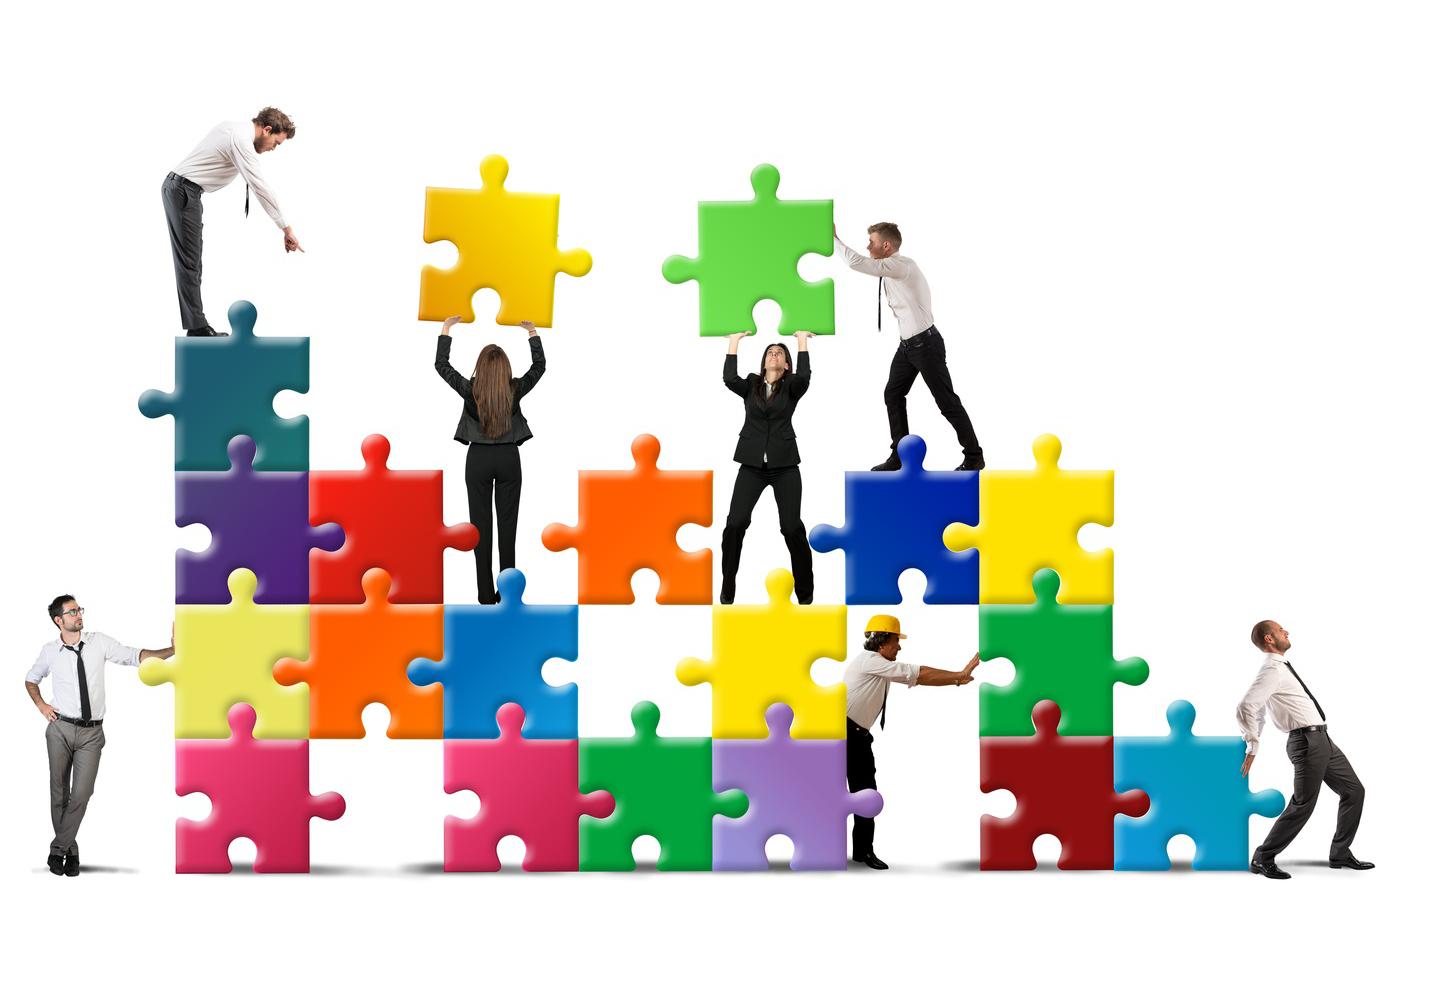 entreprise-puzzle